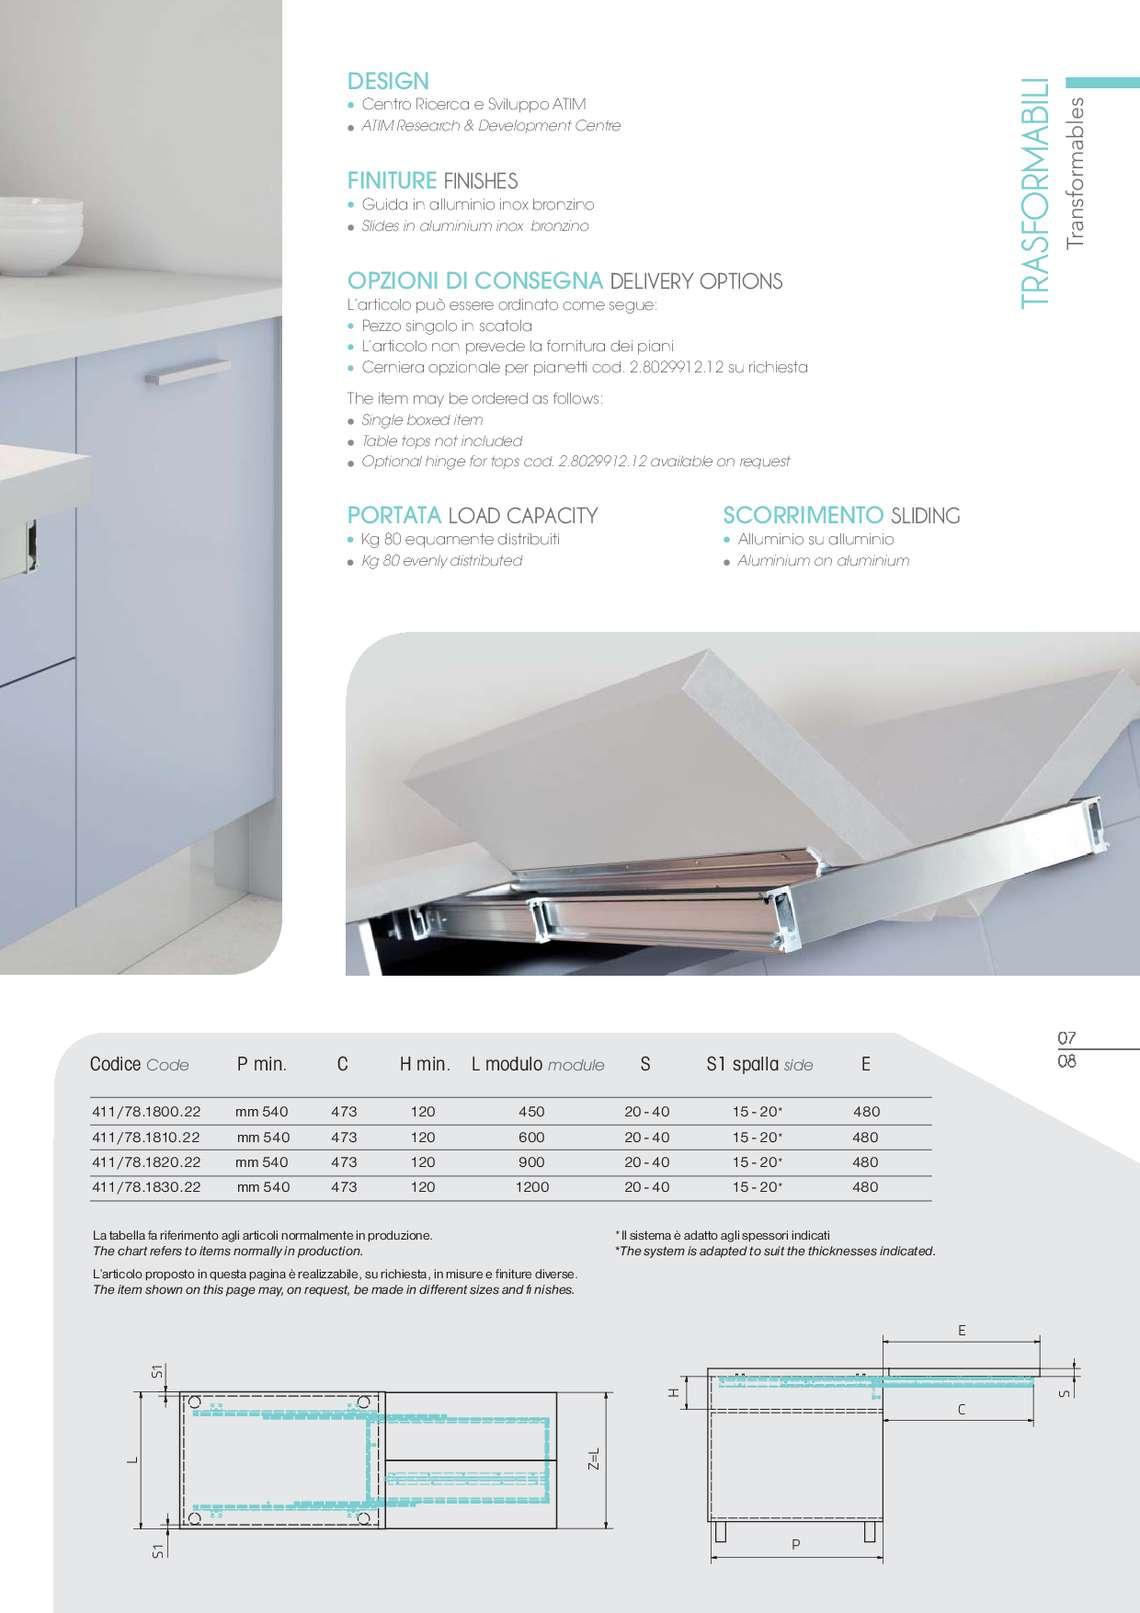 catalogo-trasformabili-atim_22_012.jpg